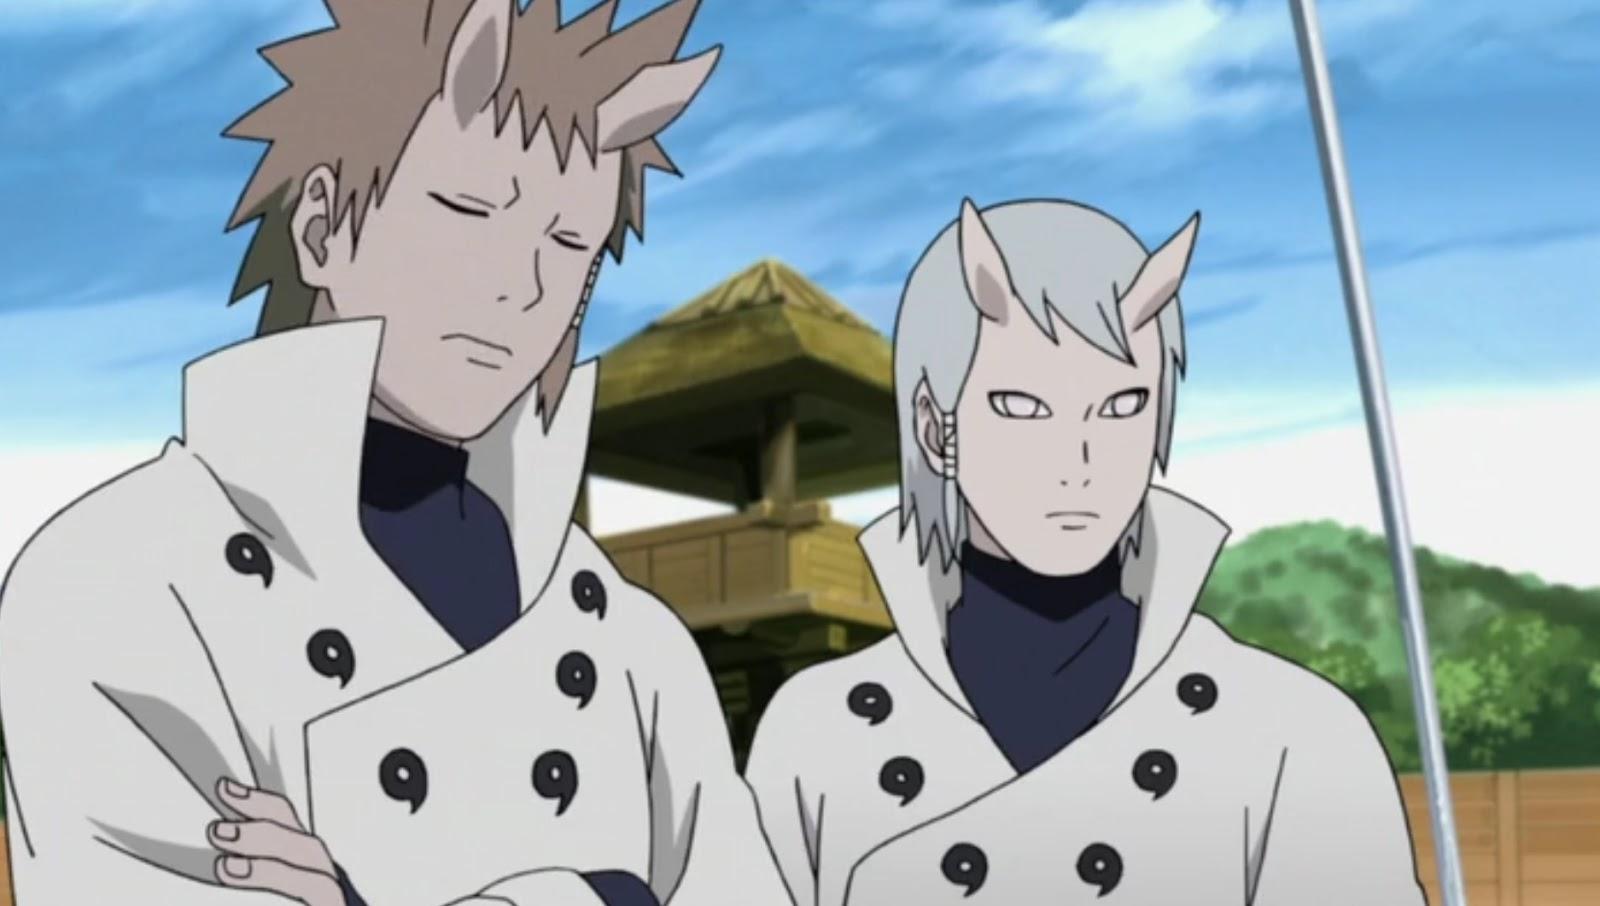 Naruto Shippuden Episódio 461, Assistir Naruto Shippuden Episódio 461, Assistir Naruto Shippuden Todos os Episódios Legendado, Naruto Shippuden episódio 461,HD